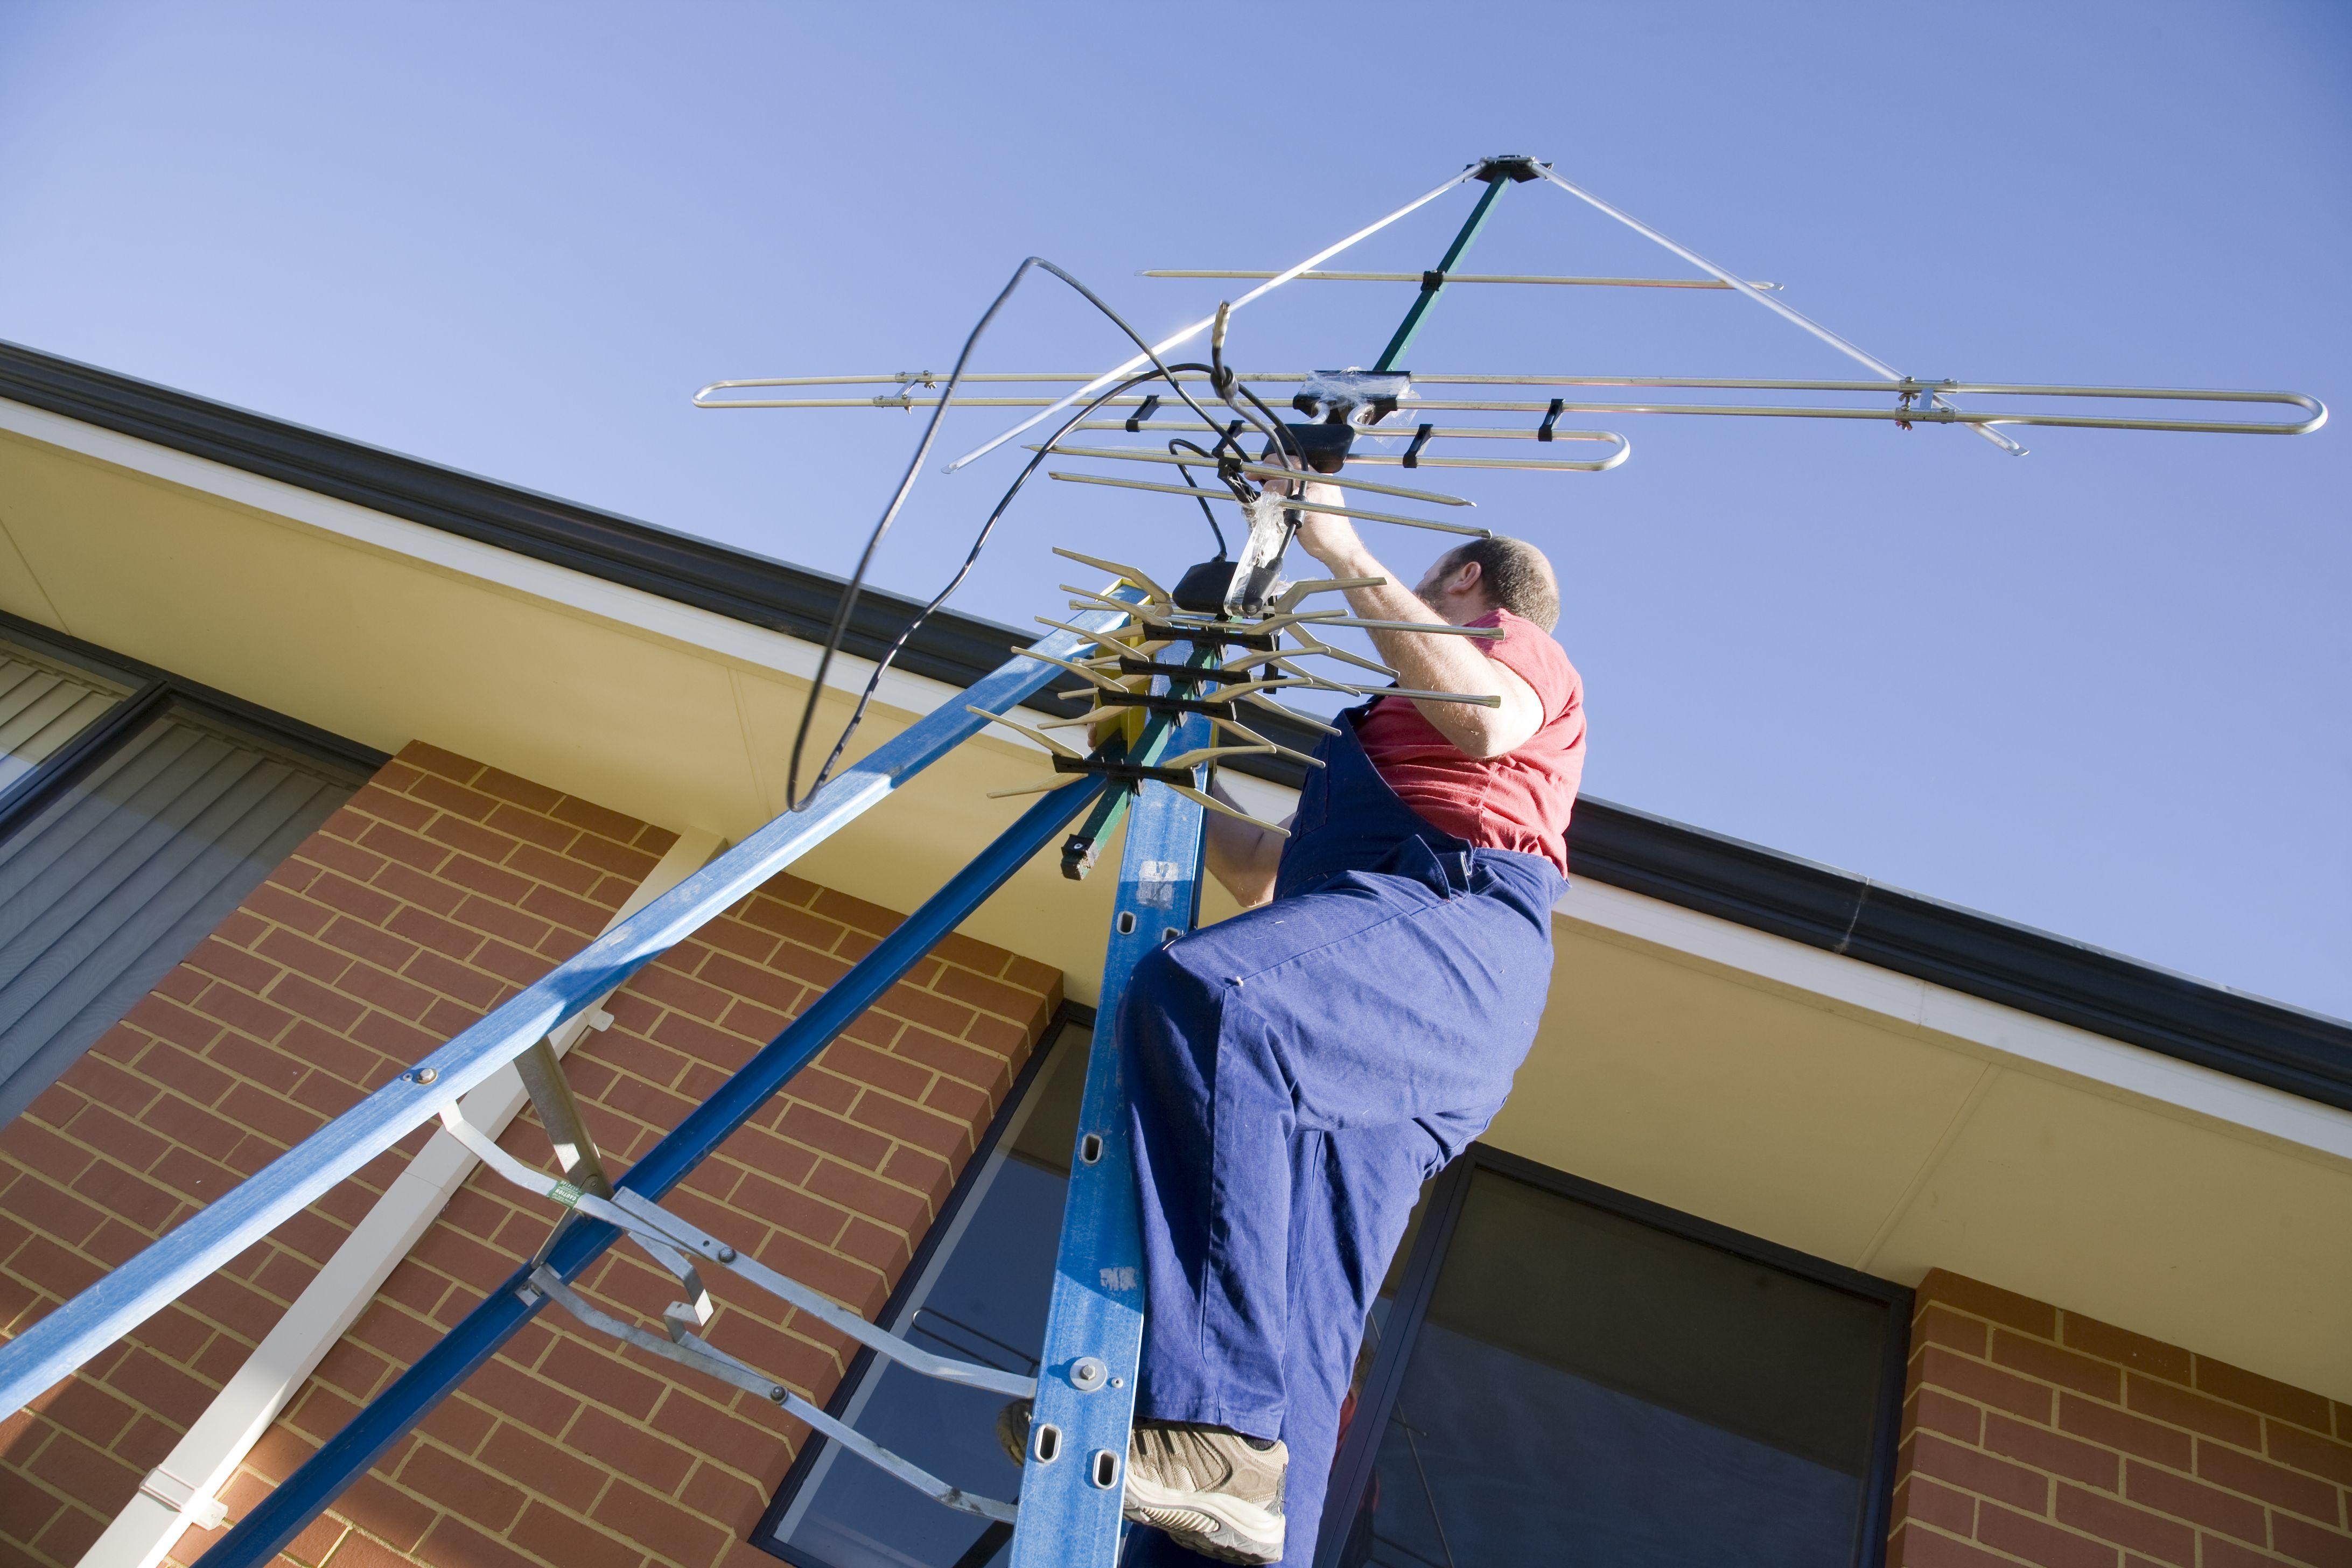 Instalación de telecomunicaciones: Servicios de Electromontajes Paterna del Madera